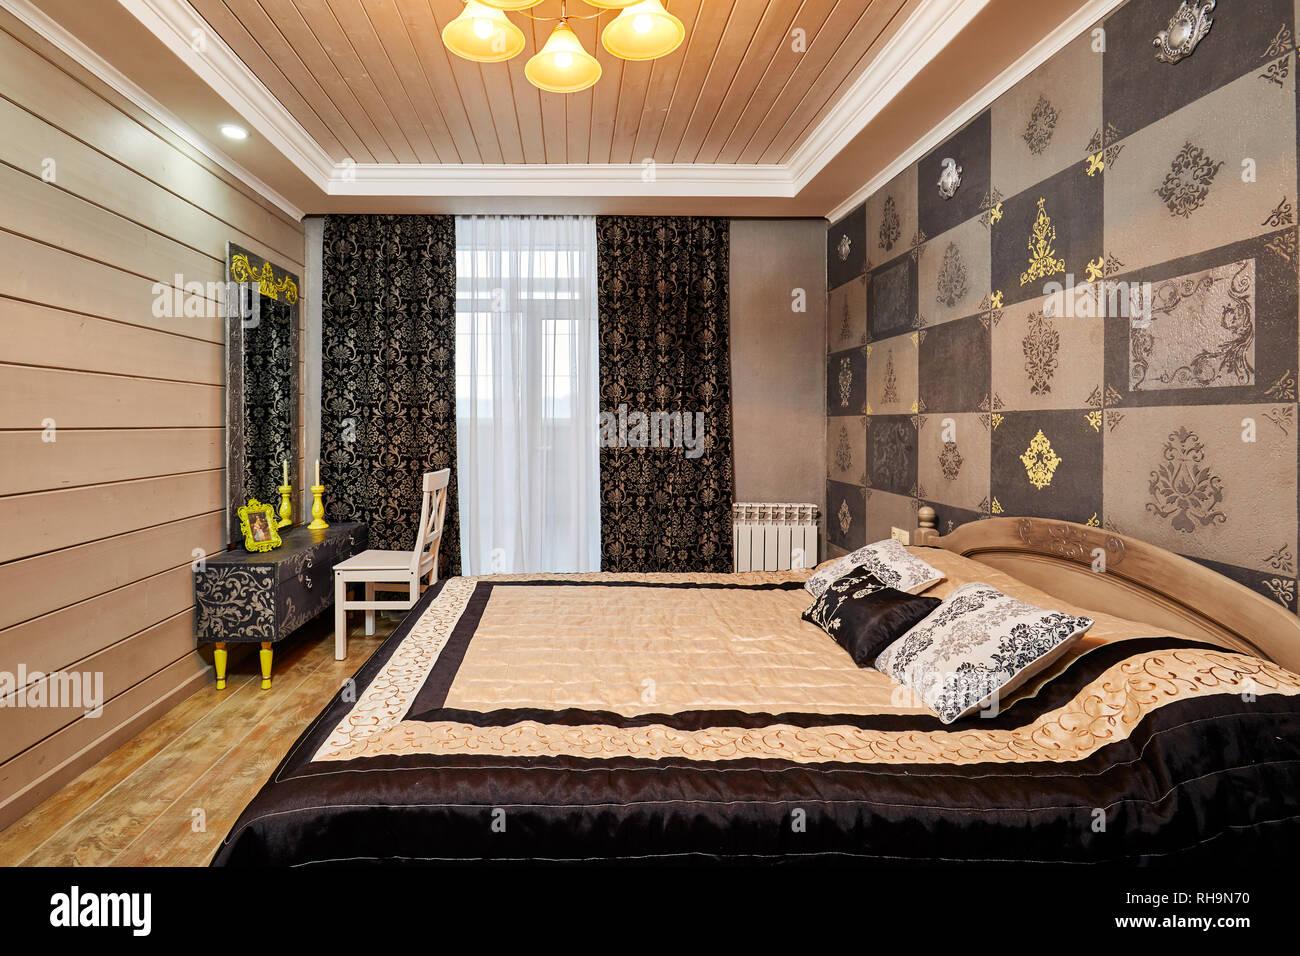 Moskau, Russland, 02.01.2019: Design und Dekoration von modernen ...